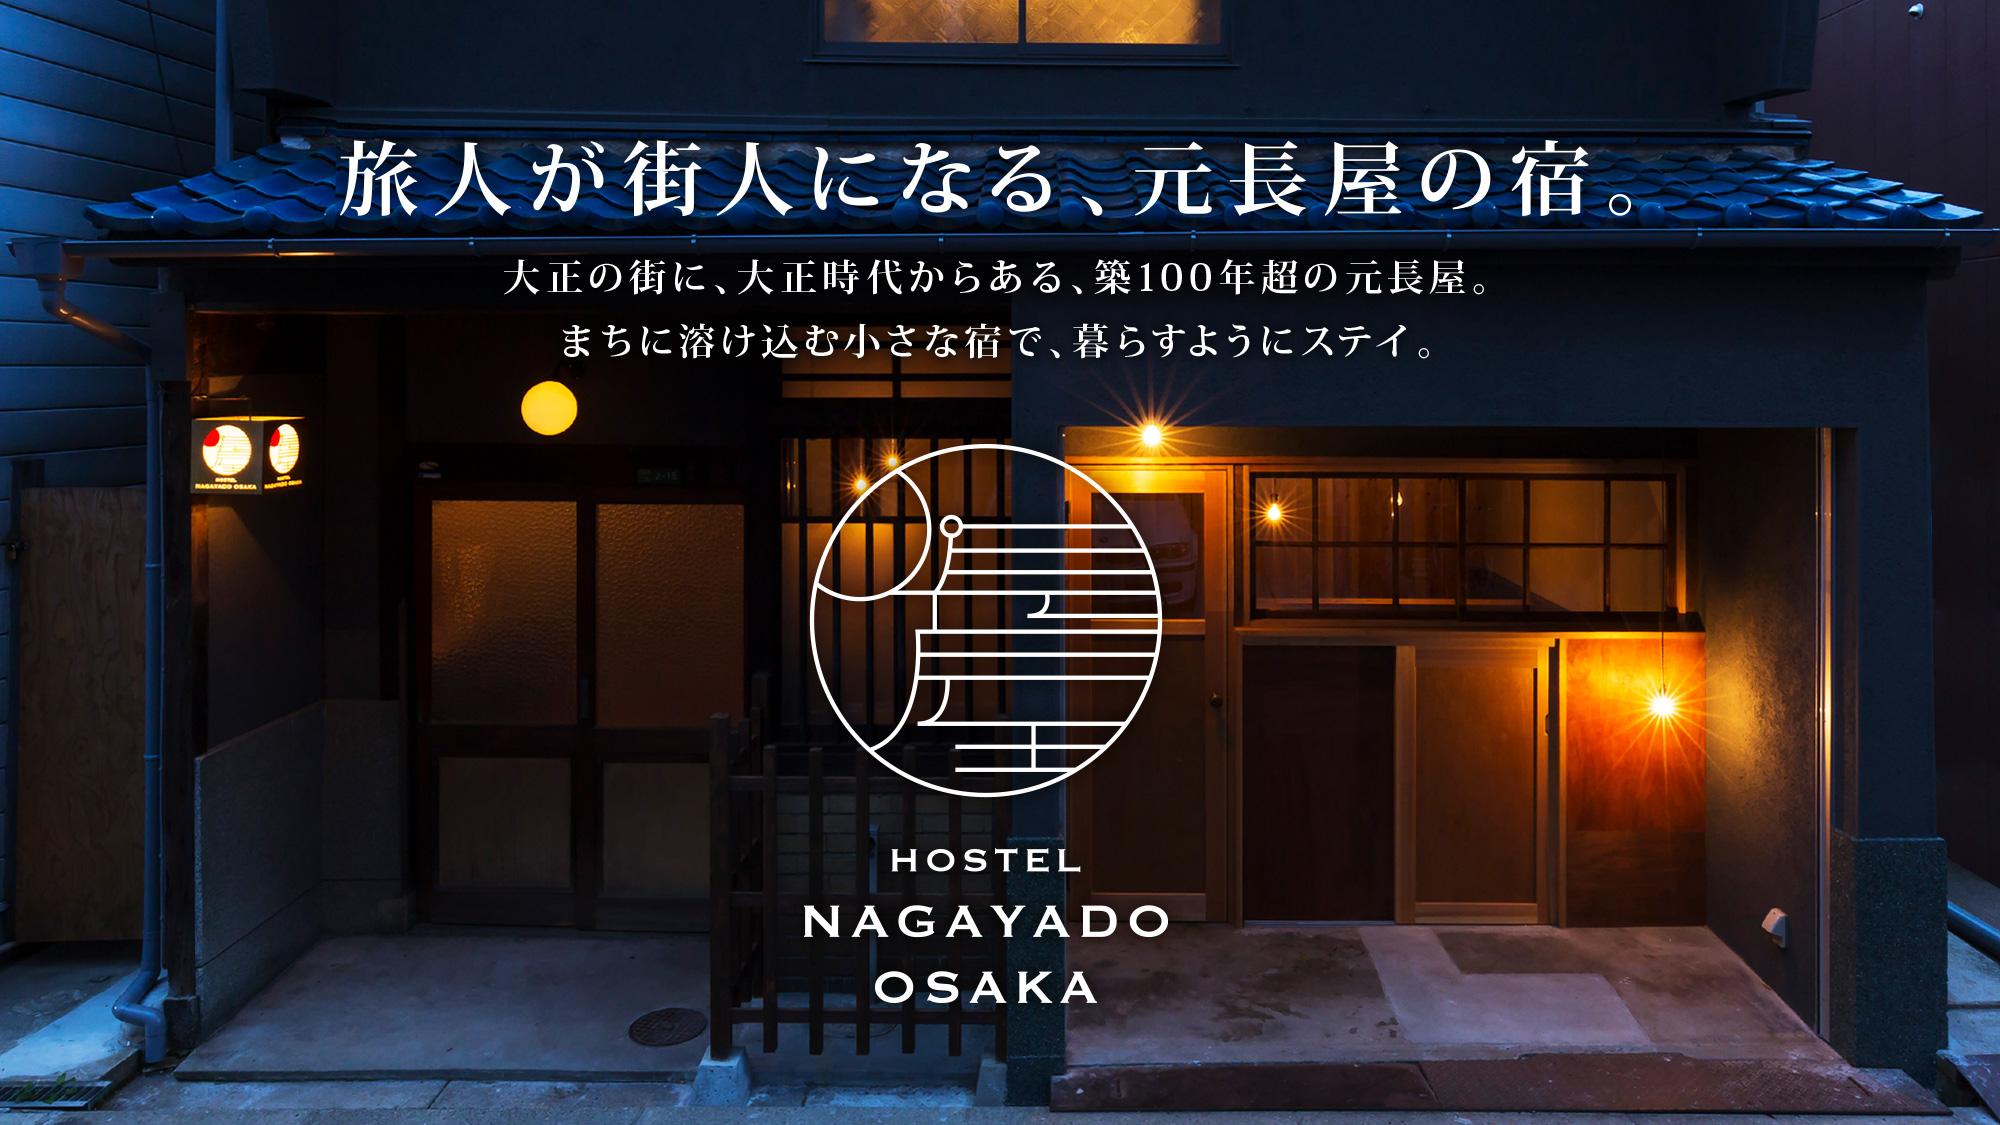 HOSTEL NAGAYADO OSAKA スマホトップイメージ